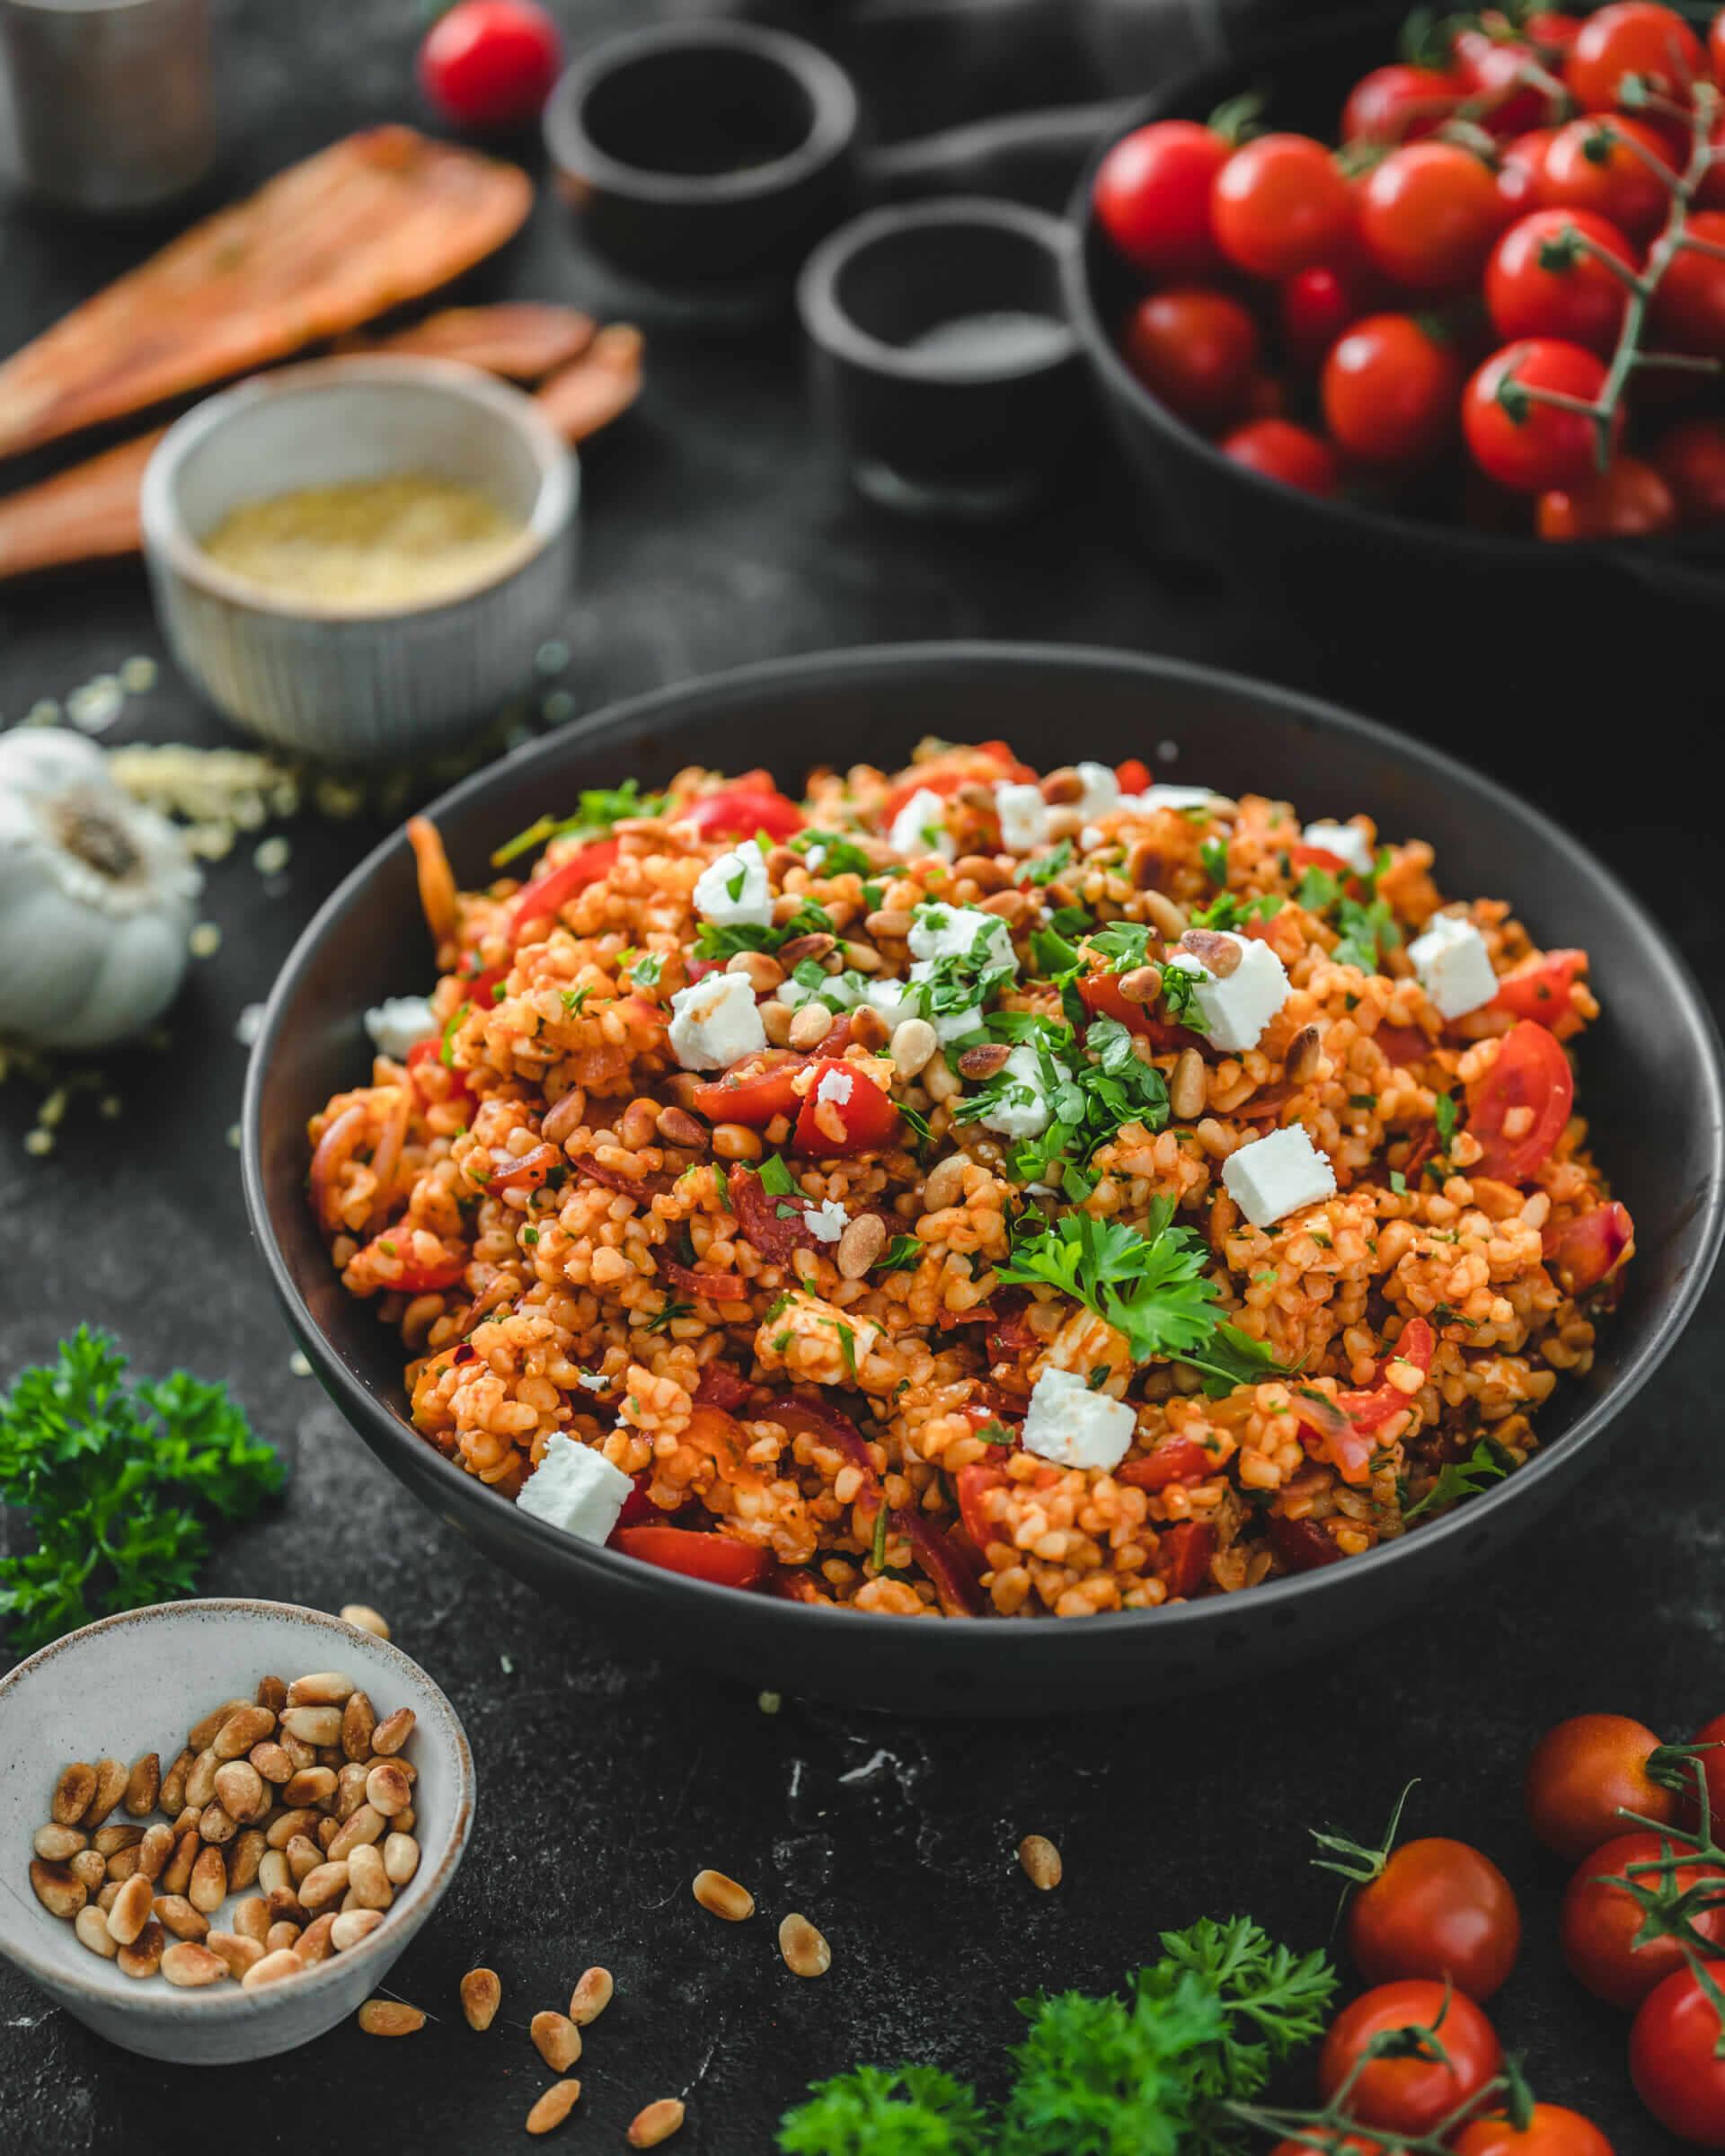 Frischer Tomaten Bulgursalat angerichtet mit Pinienkernen, Petersilie und etwas Feta in einer tiefen Schüssel